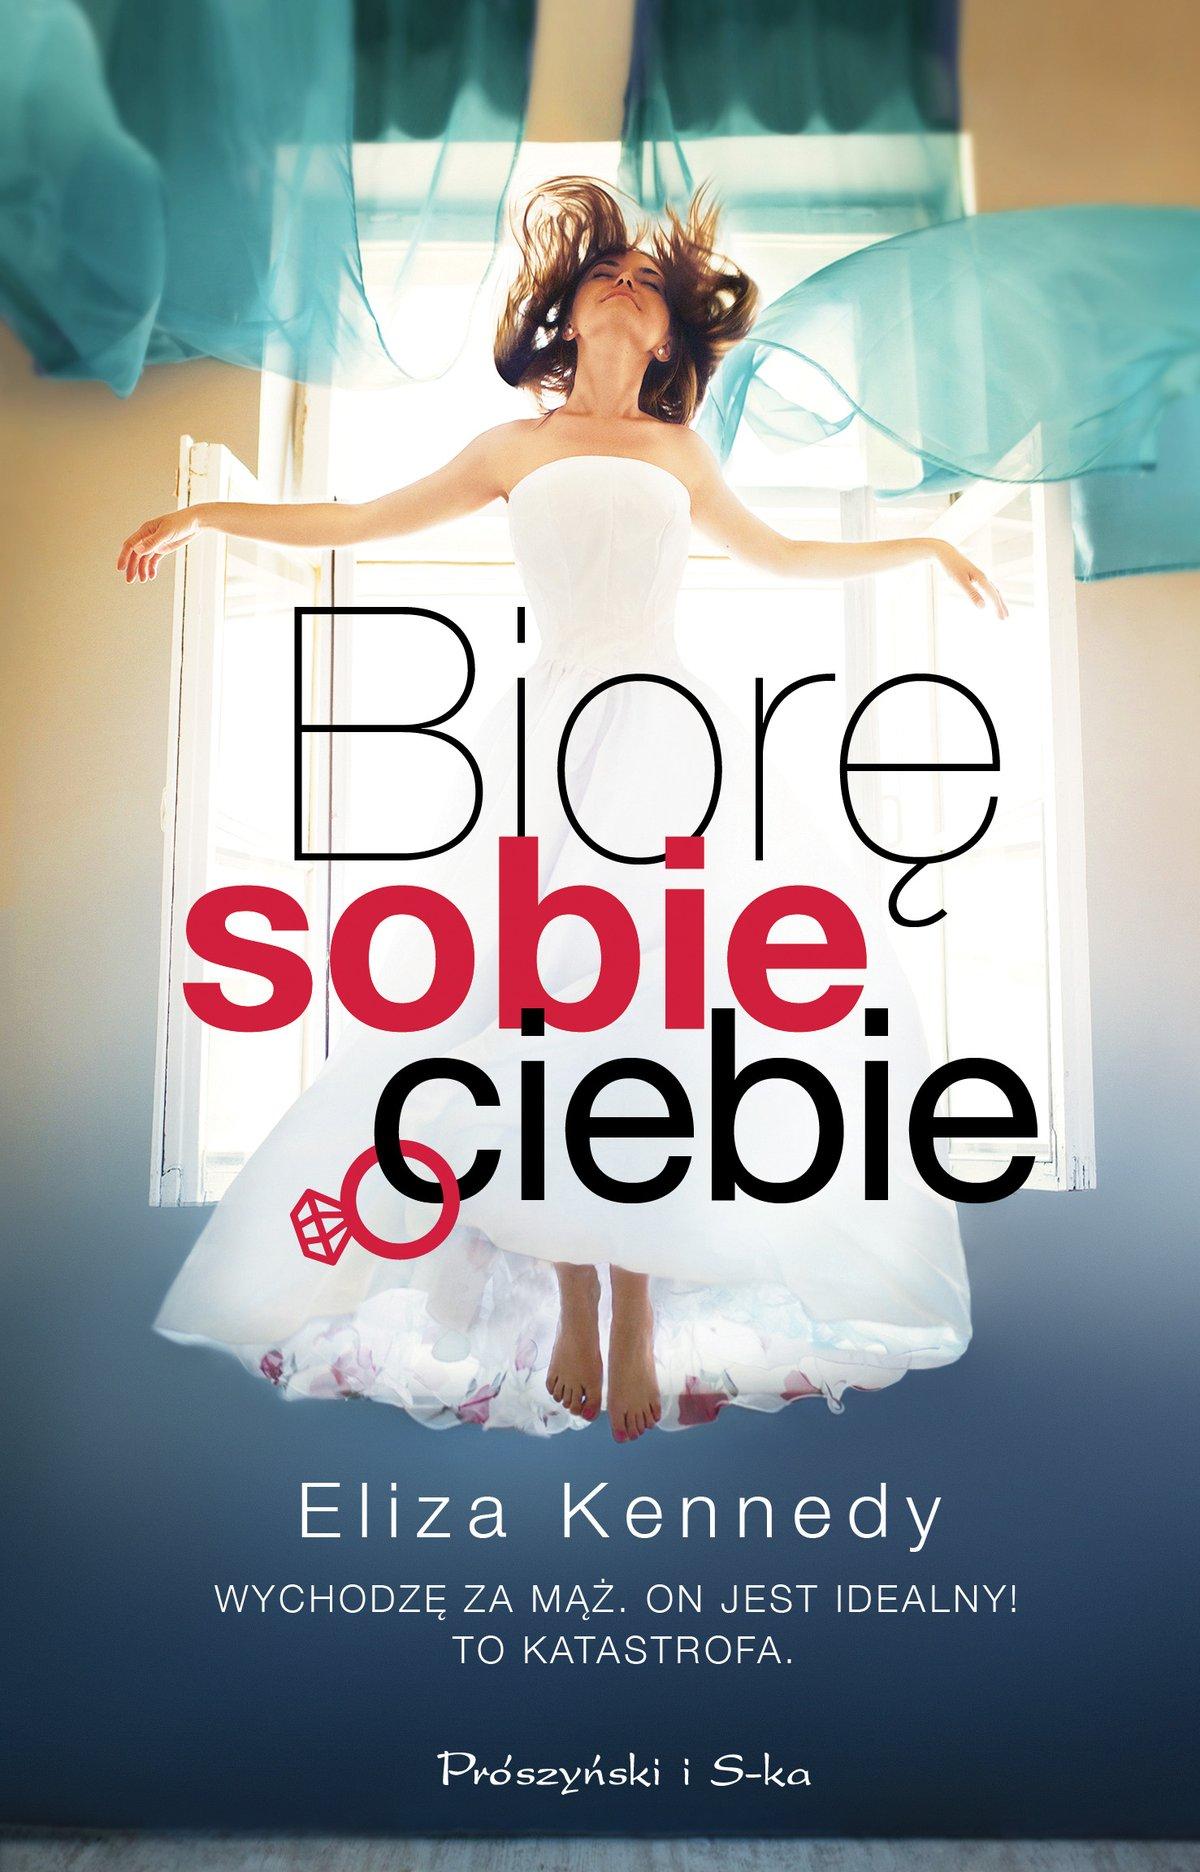 Biorę sobie ciebie - Ebook (Książka na Kindle) do pobrania w formacie MOBI